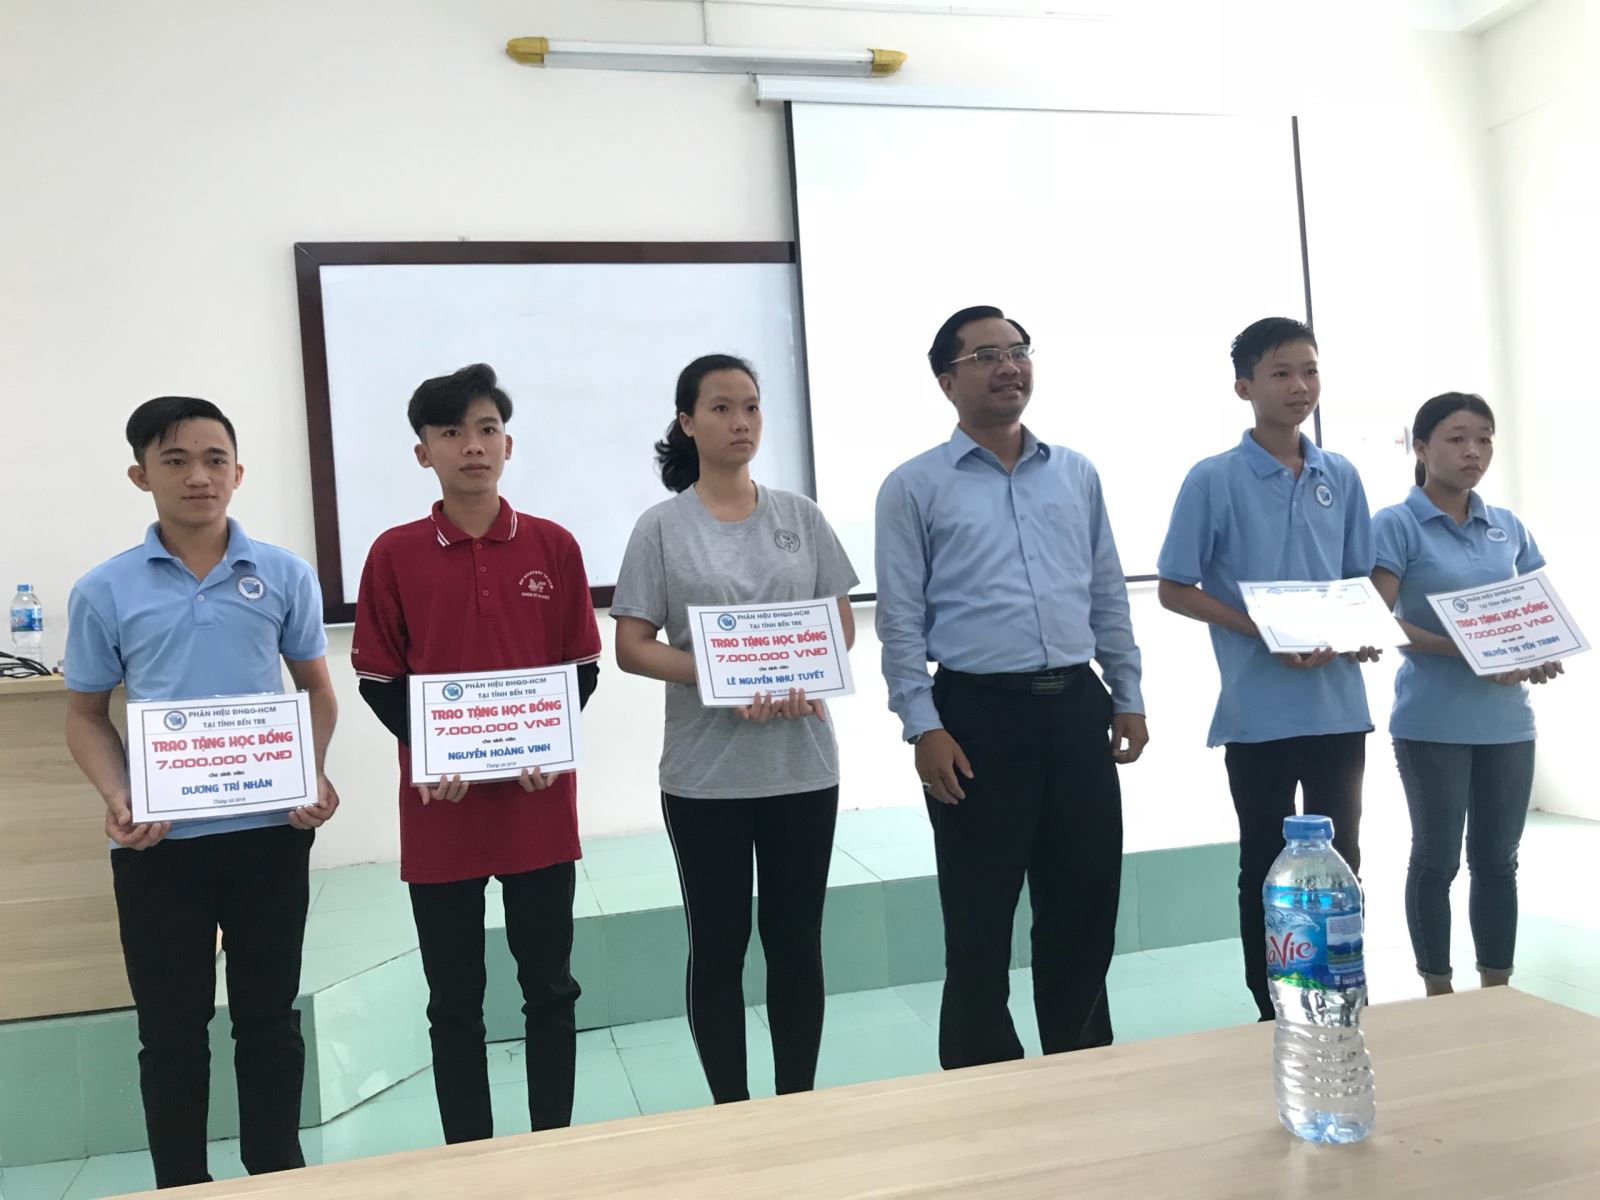 Phân hiệu ĐHQG-HCM tại tỉnh Bến Tre trao học bổng cho Tân sinh viên năm học 2017 - 2018